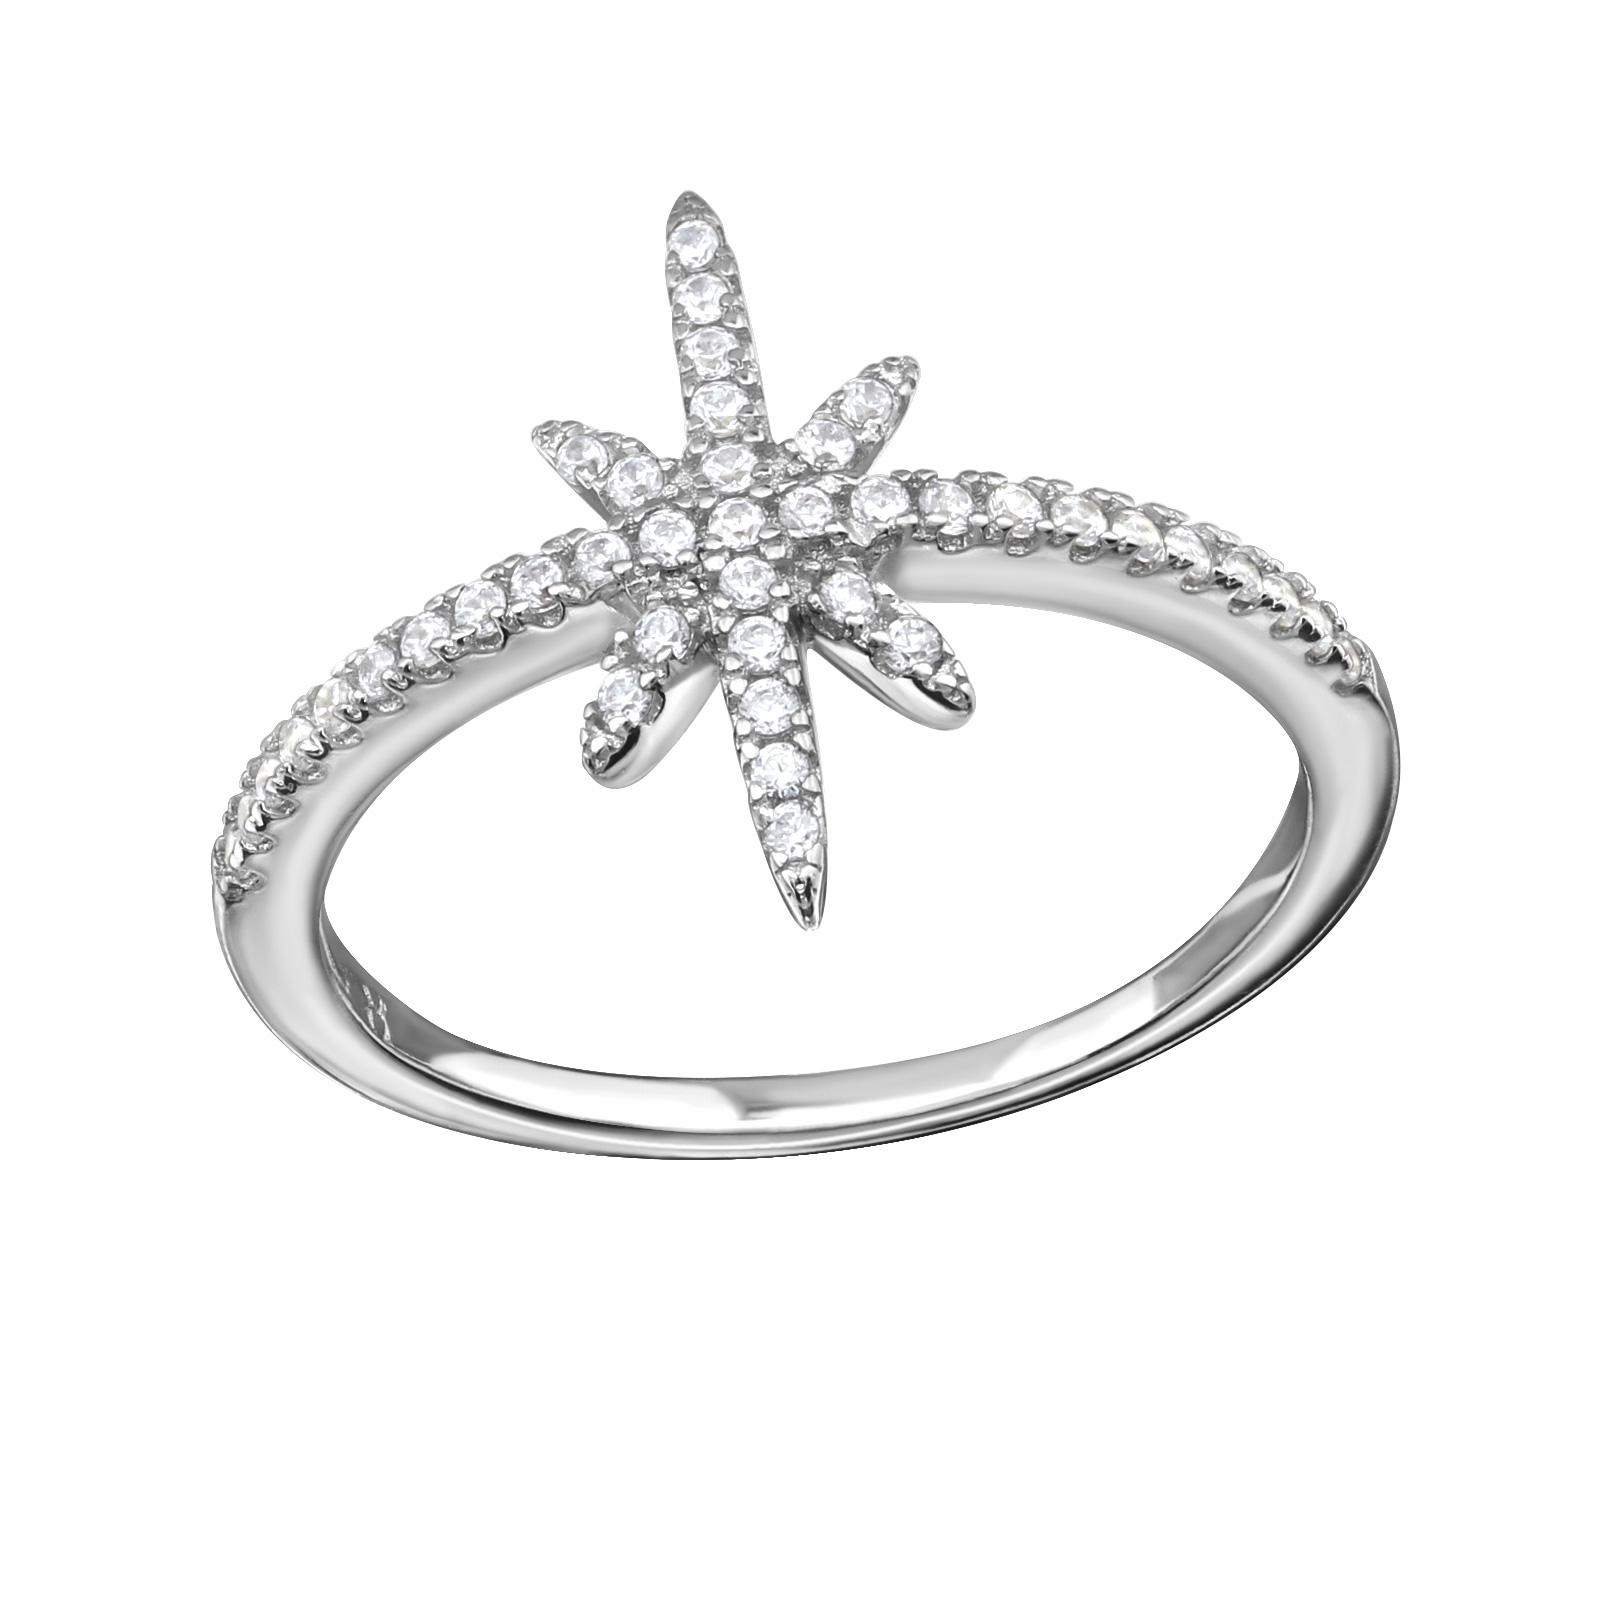 OLIVIE Stříbrný prsten HVĚZDA s kubickými zirkony 1027 Velikost: 5